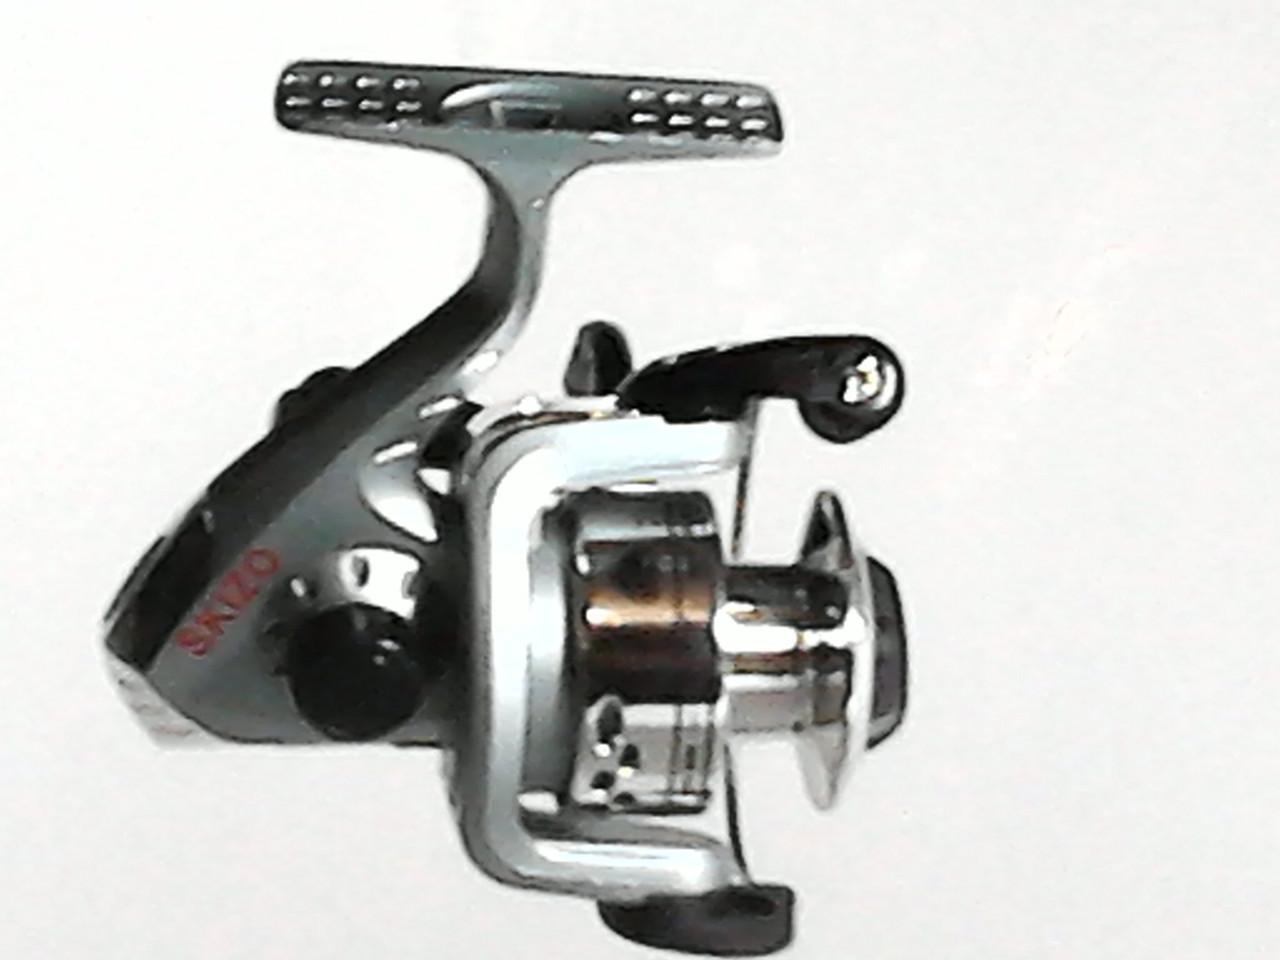 Катушка рыболовная для слининга и удилища Condor Skizo SK 200 4bb